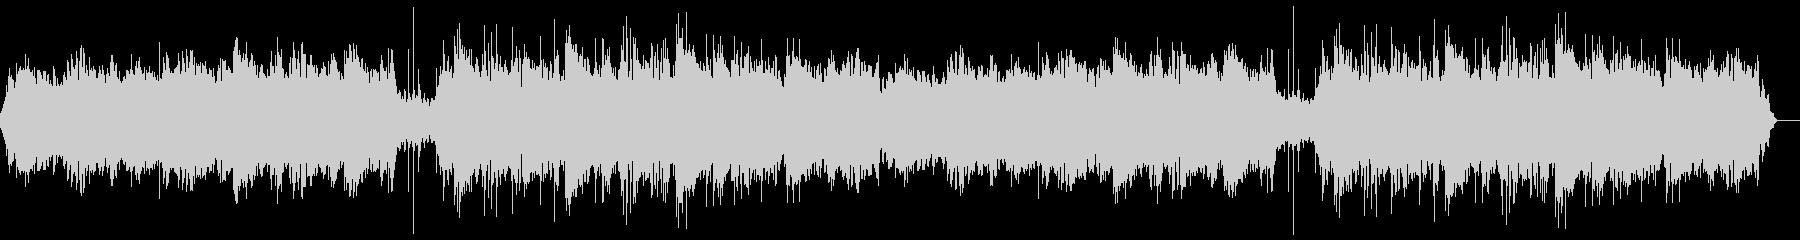 暖かアンビエントシンセと印象的なピアノ曲の未再生の波形